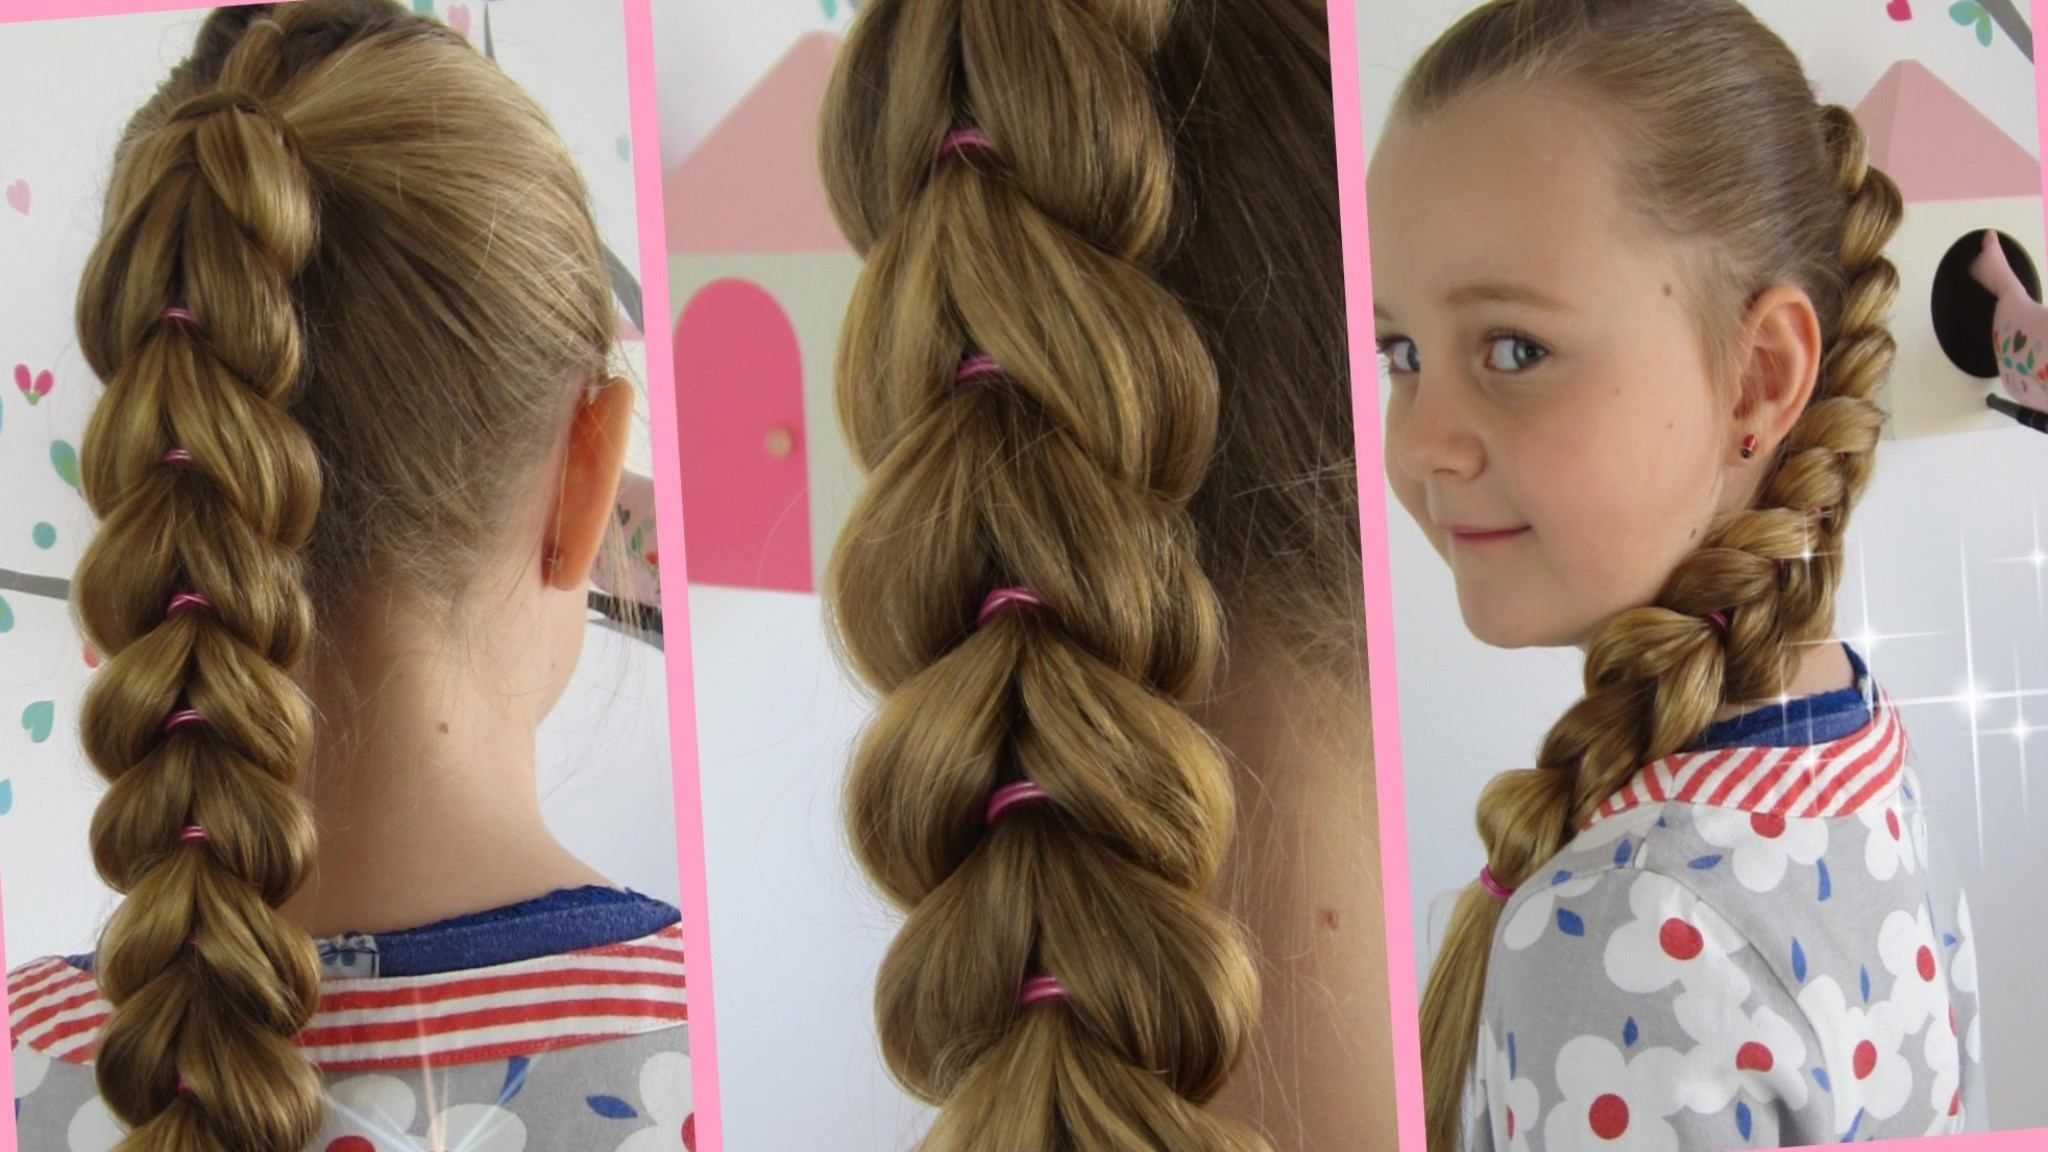 Frisur lange haare zopf